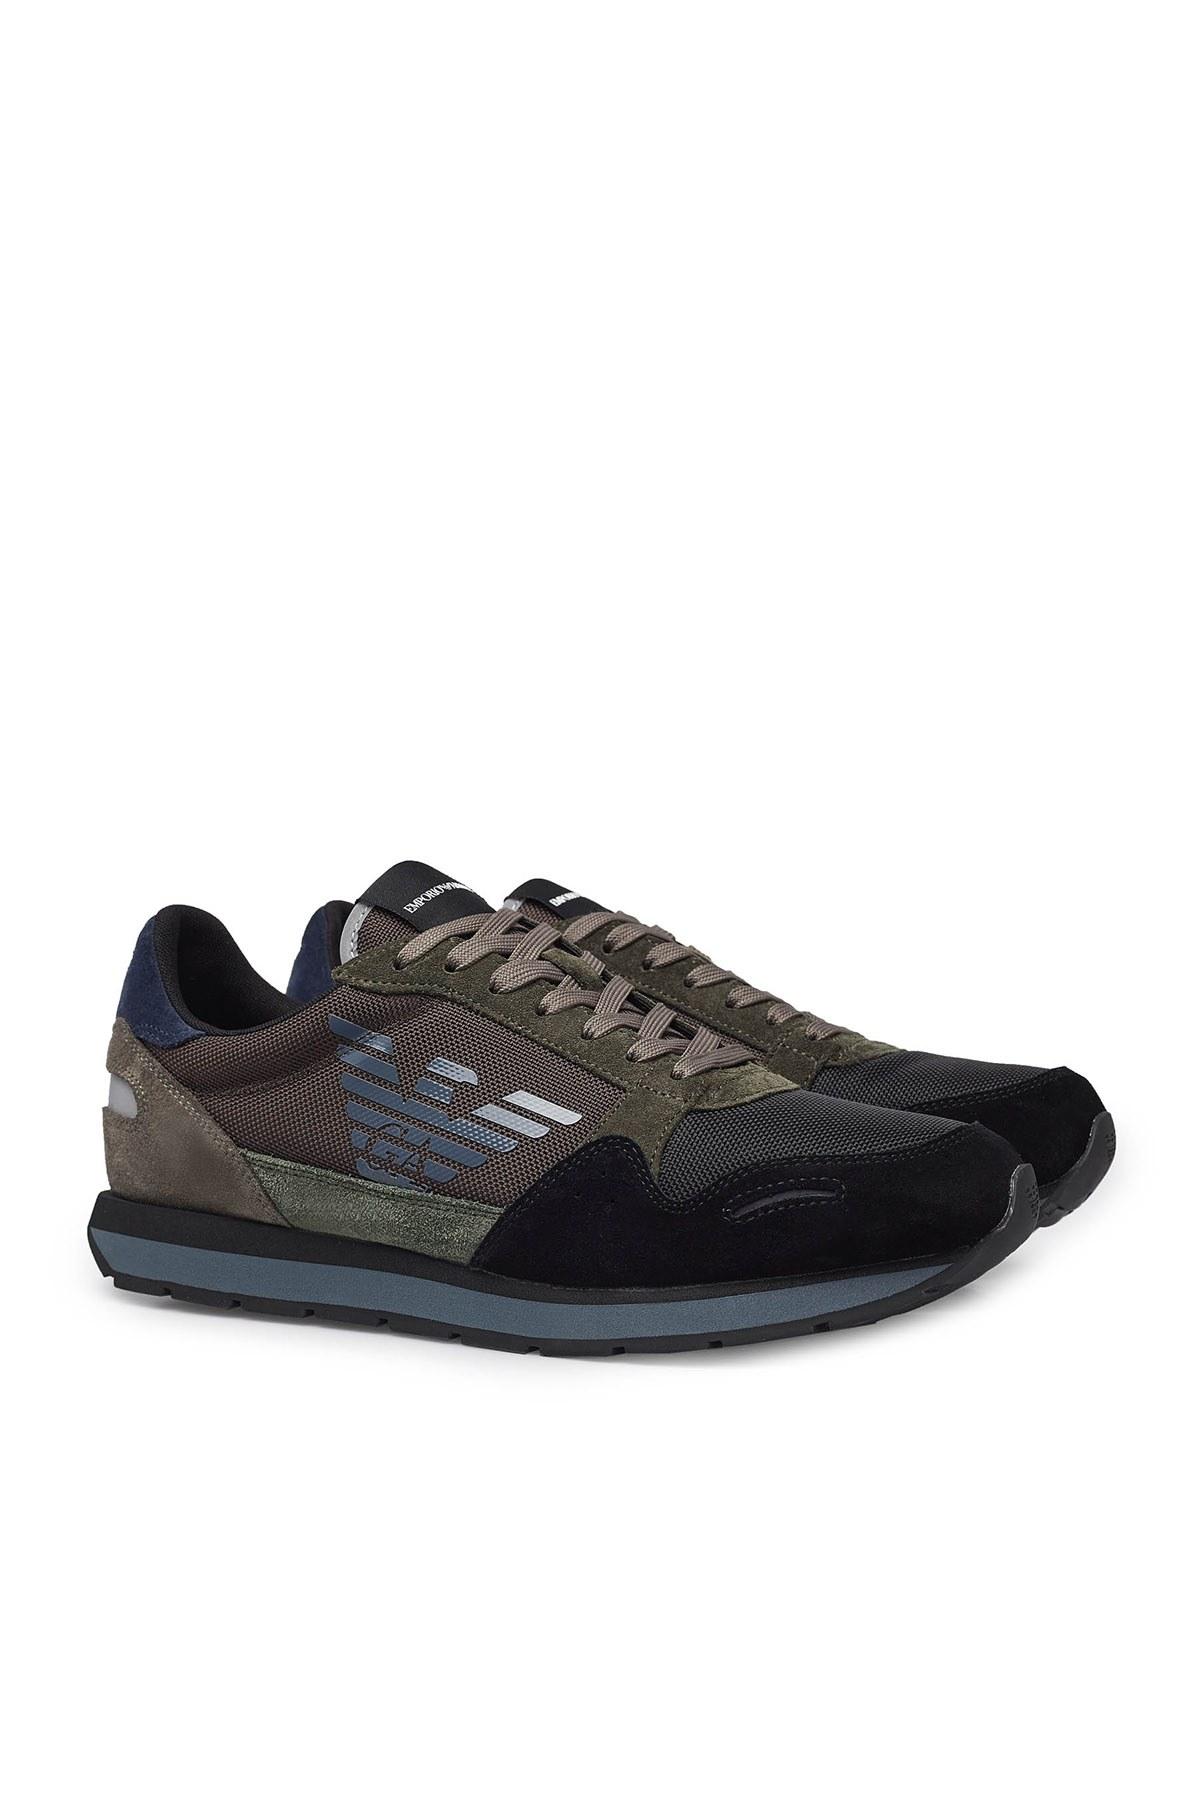 Emporio Armani Erkek Ayakkabı X4X215 XL200 N063 SİYAH-KAHVE